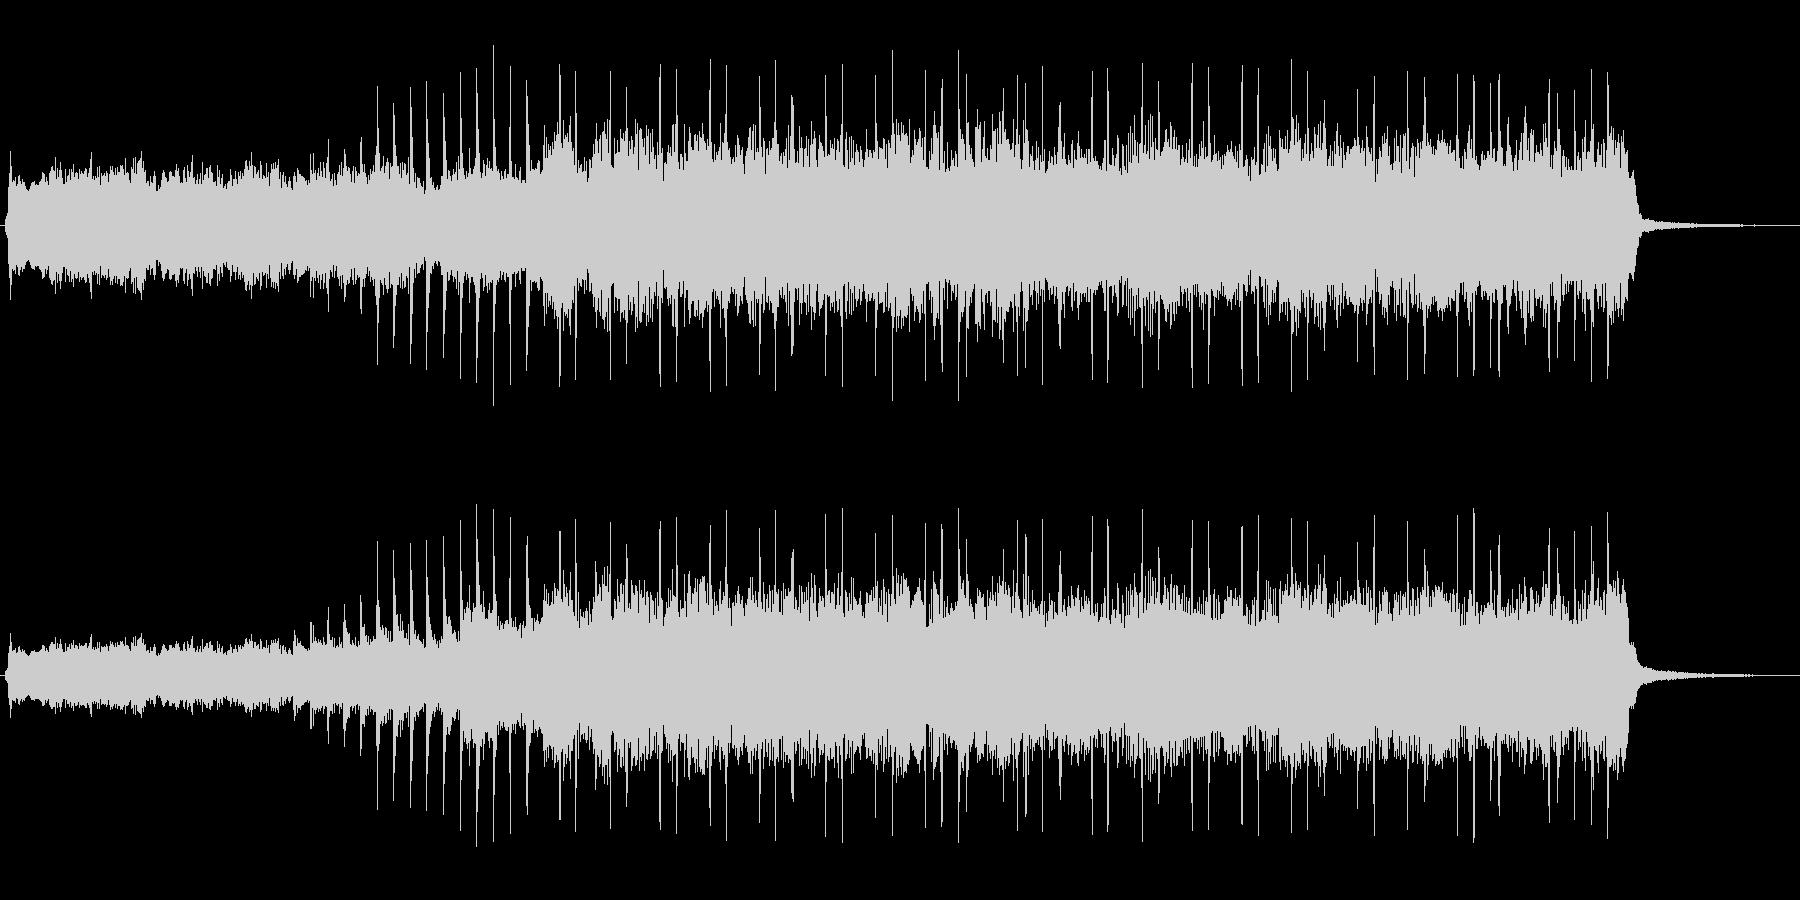 ハードロックなジングル(格闘・バトル)の未再生の波形